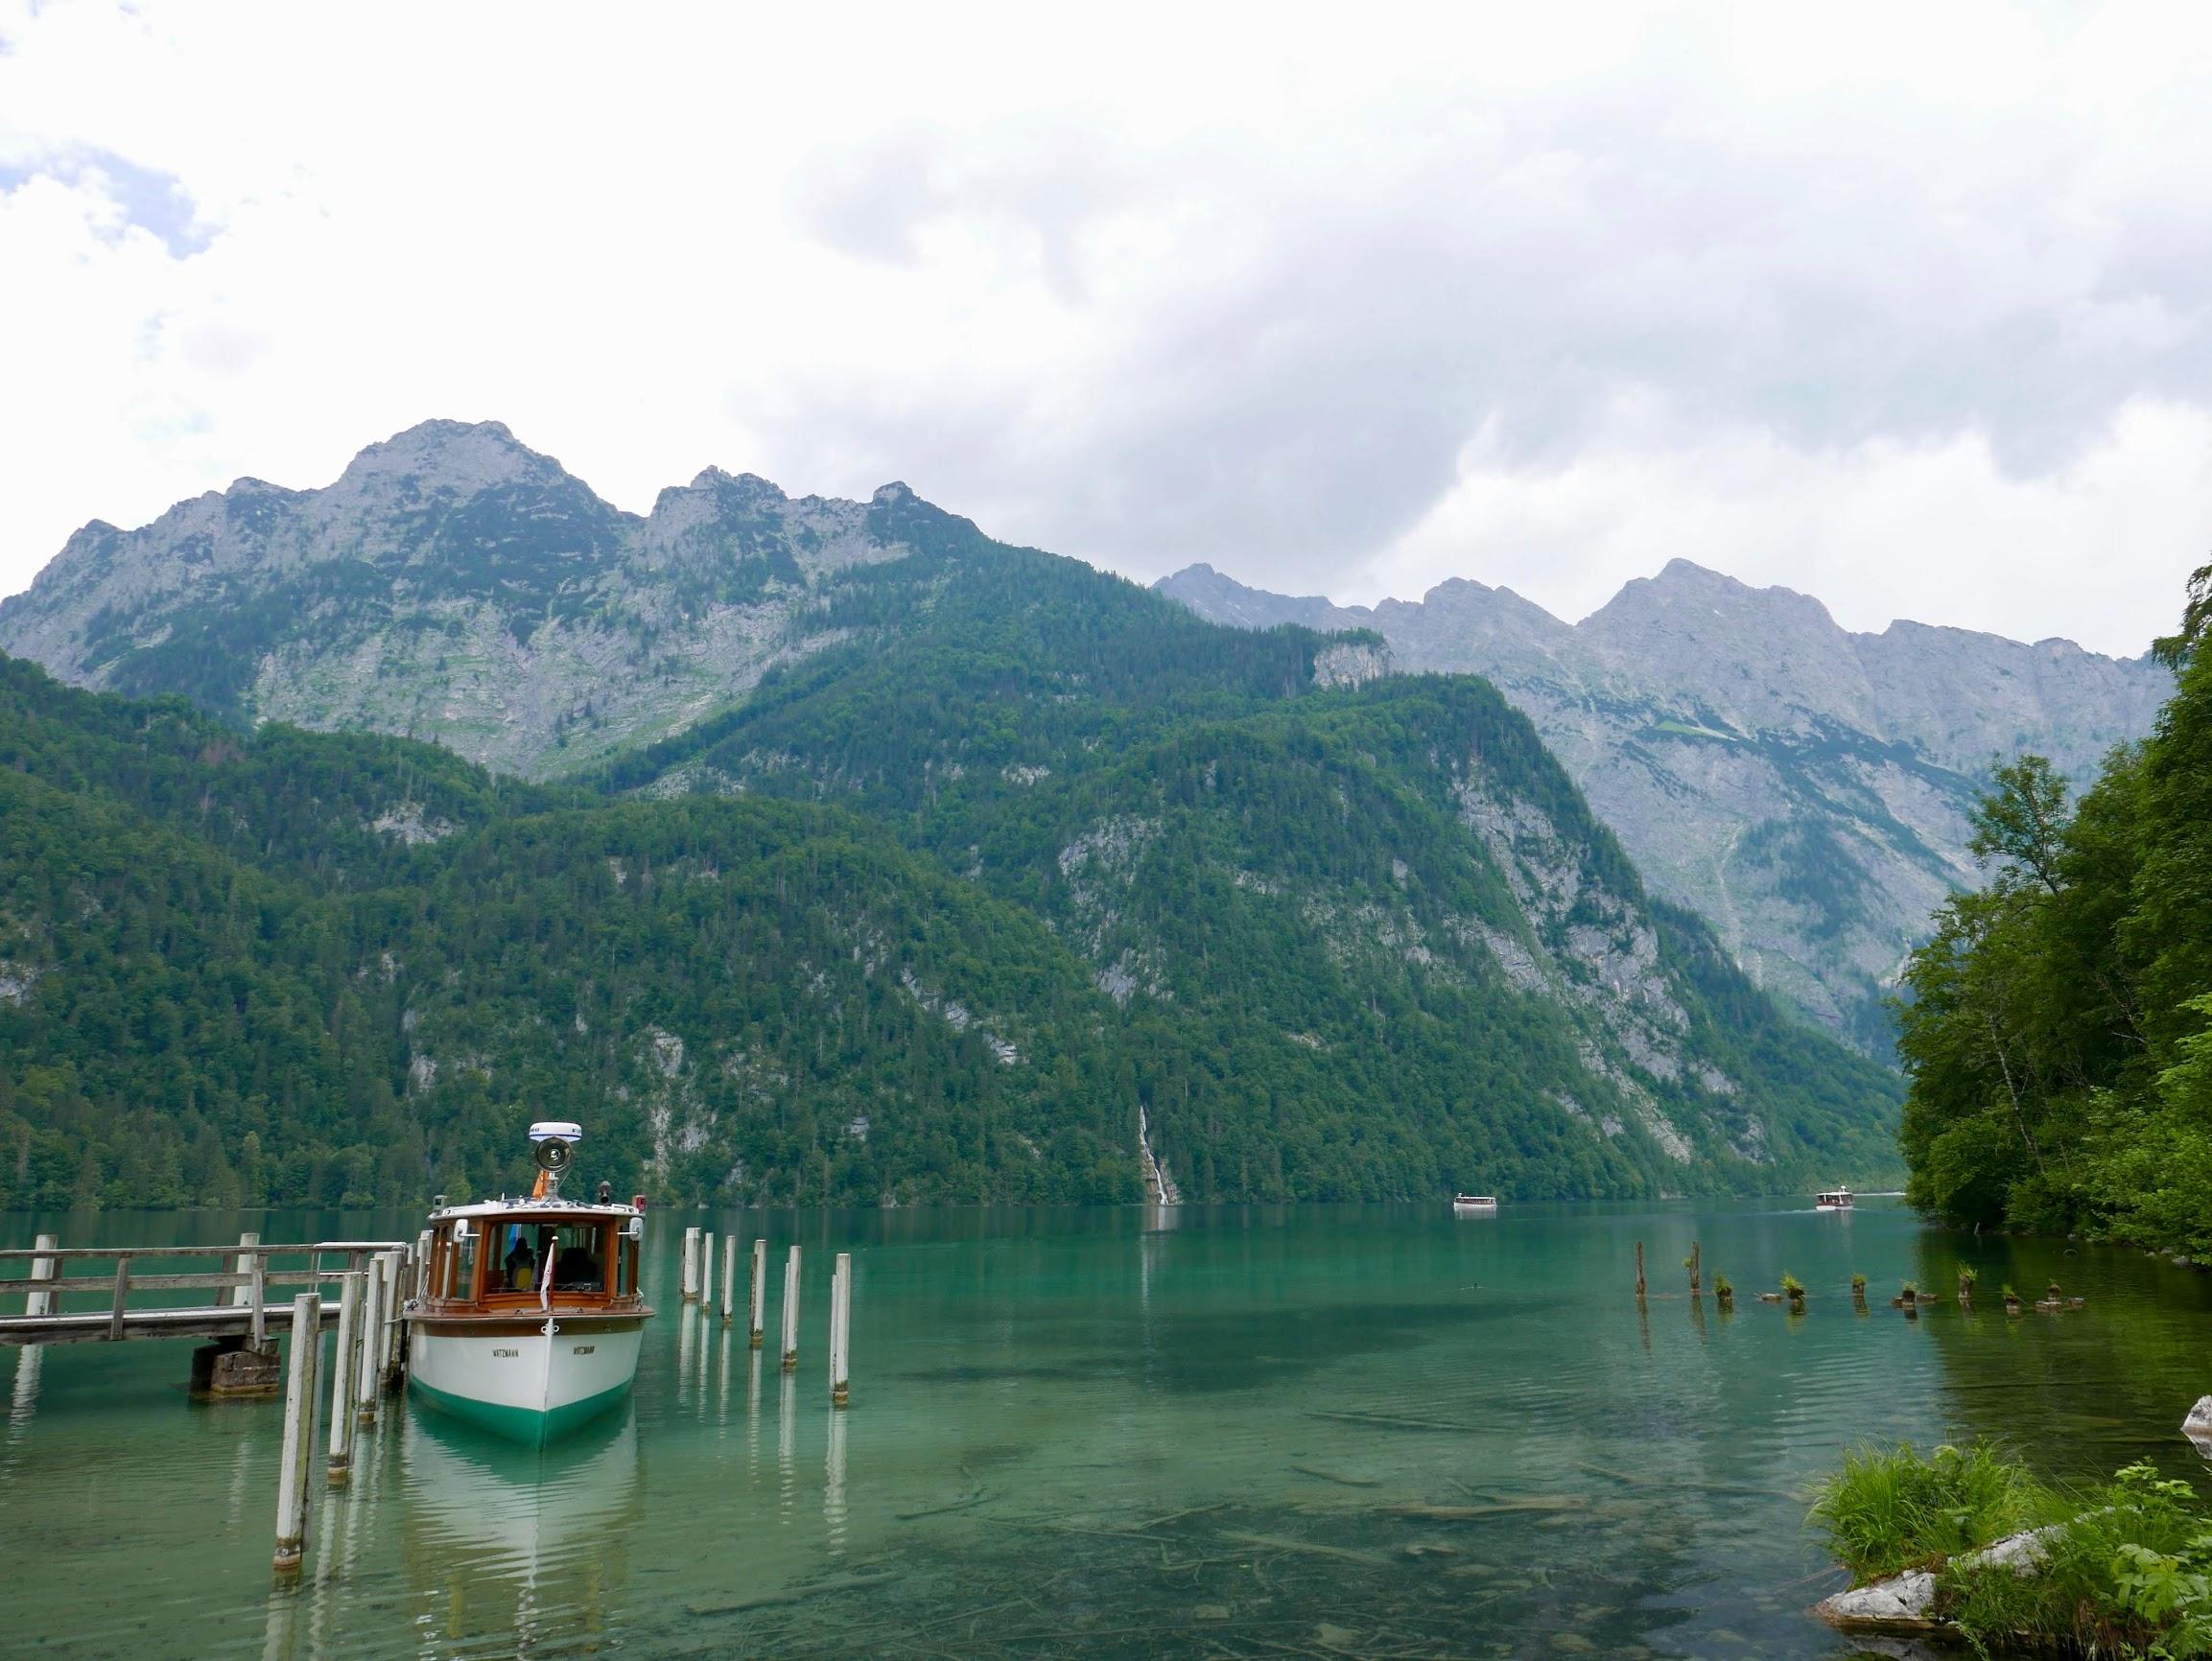 Salet, Königssee, Schönau am Königssee, Berchtesgaden